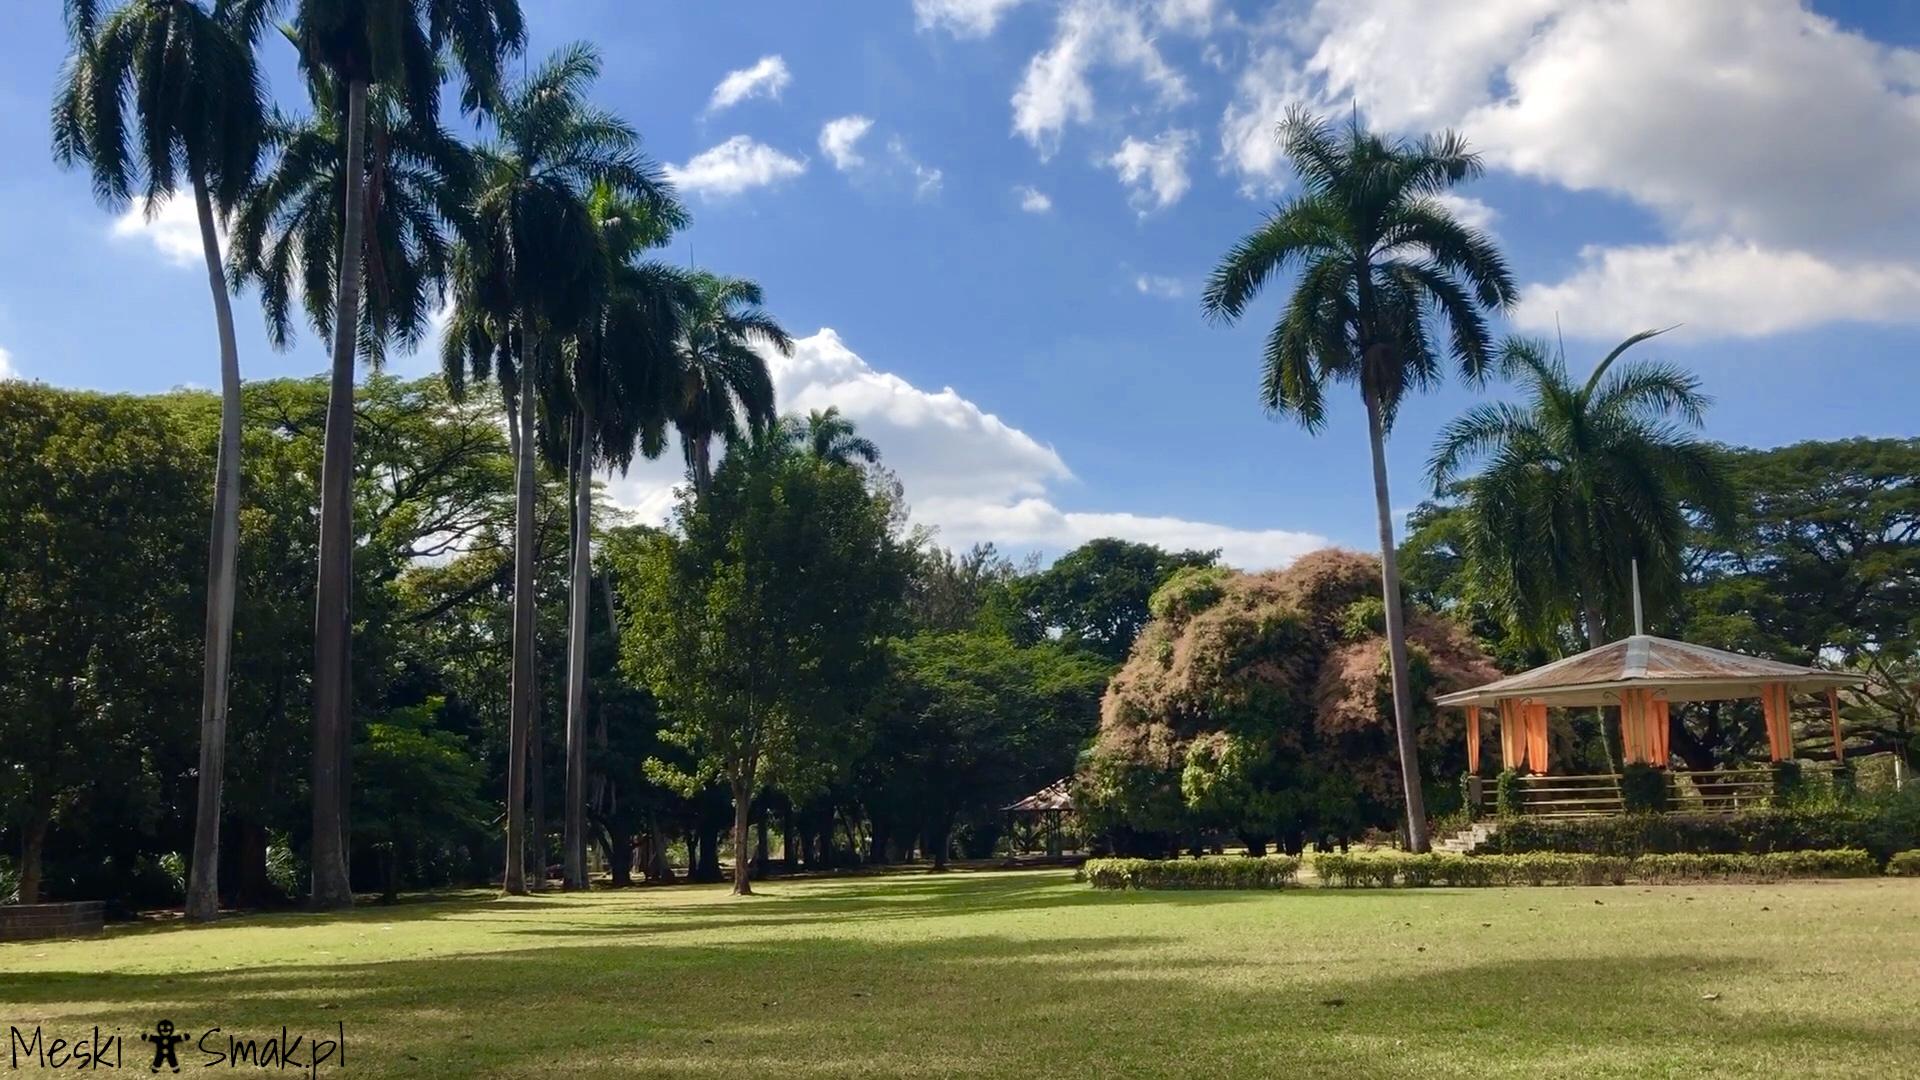 Wakacje i wycieczki Jamajka_wszystko o ogrodach Hope Gardens 9